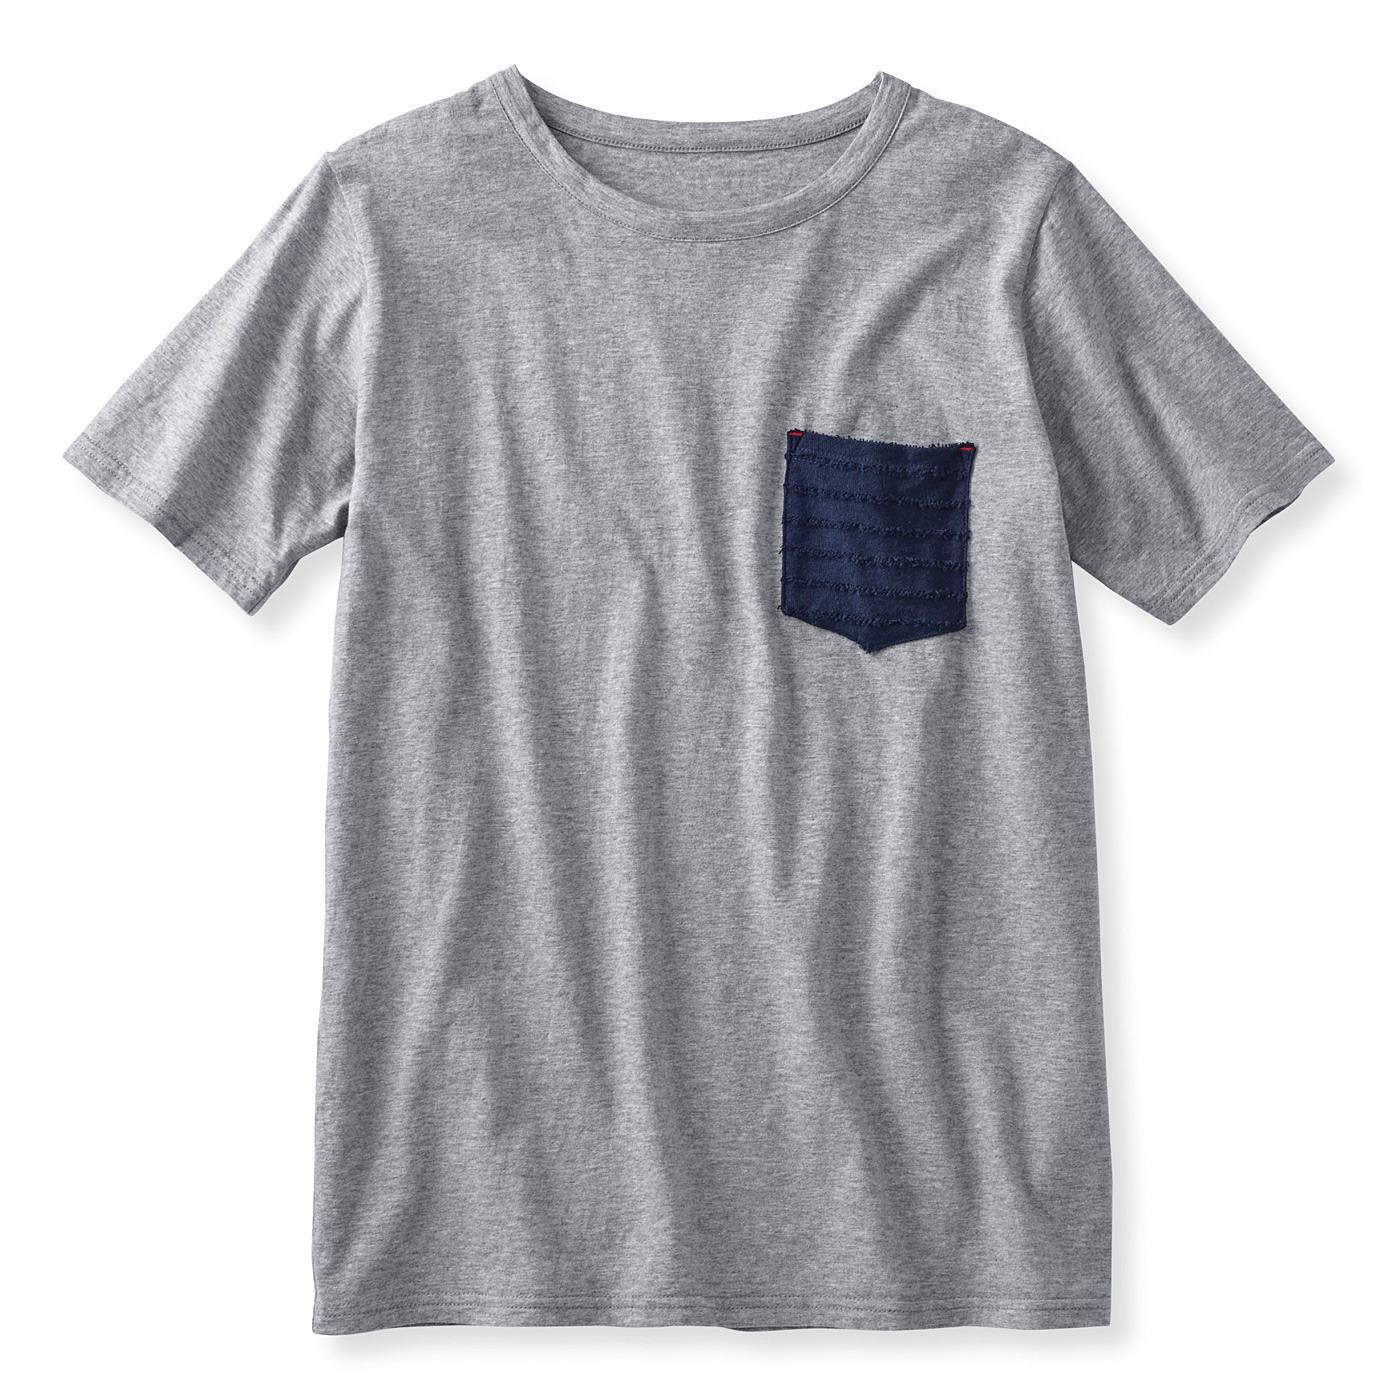 吸水速乾素材がうれしい ポケット付きトップス〈メンズ〉 〈グレイ杢(もく)〉